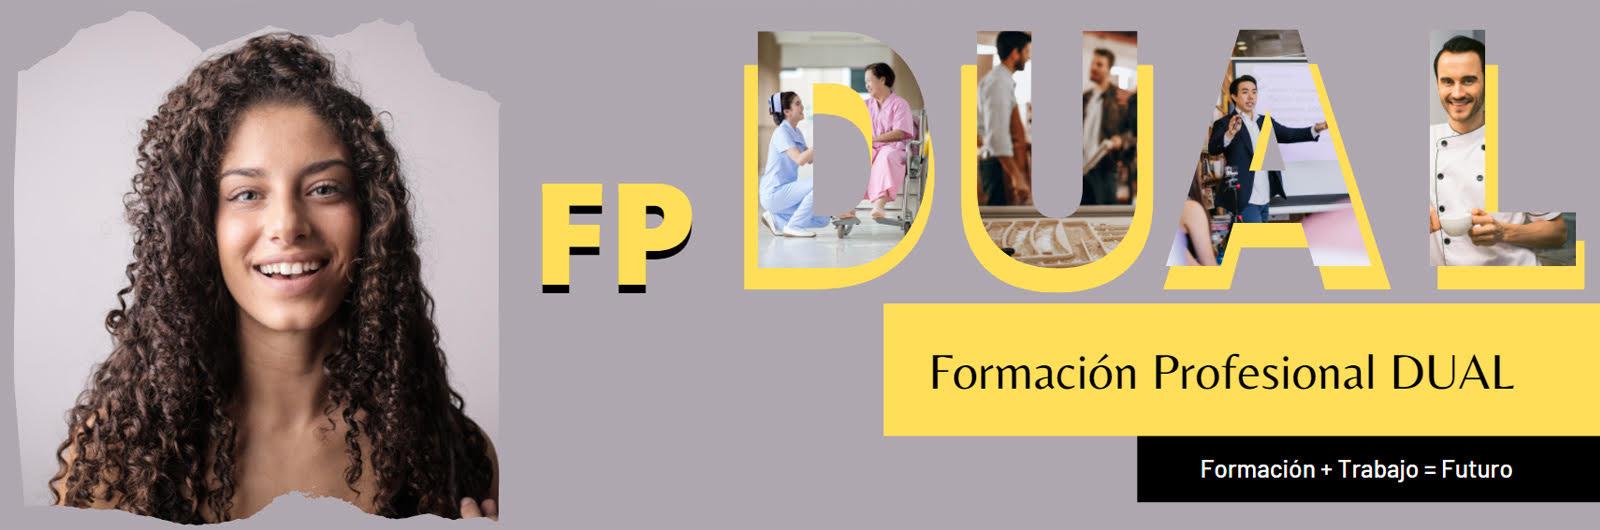 Comprometidos a luchar contra el desempleo juvenil - FP Dual